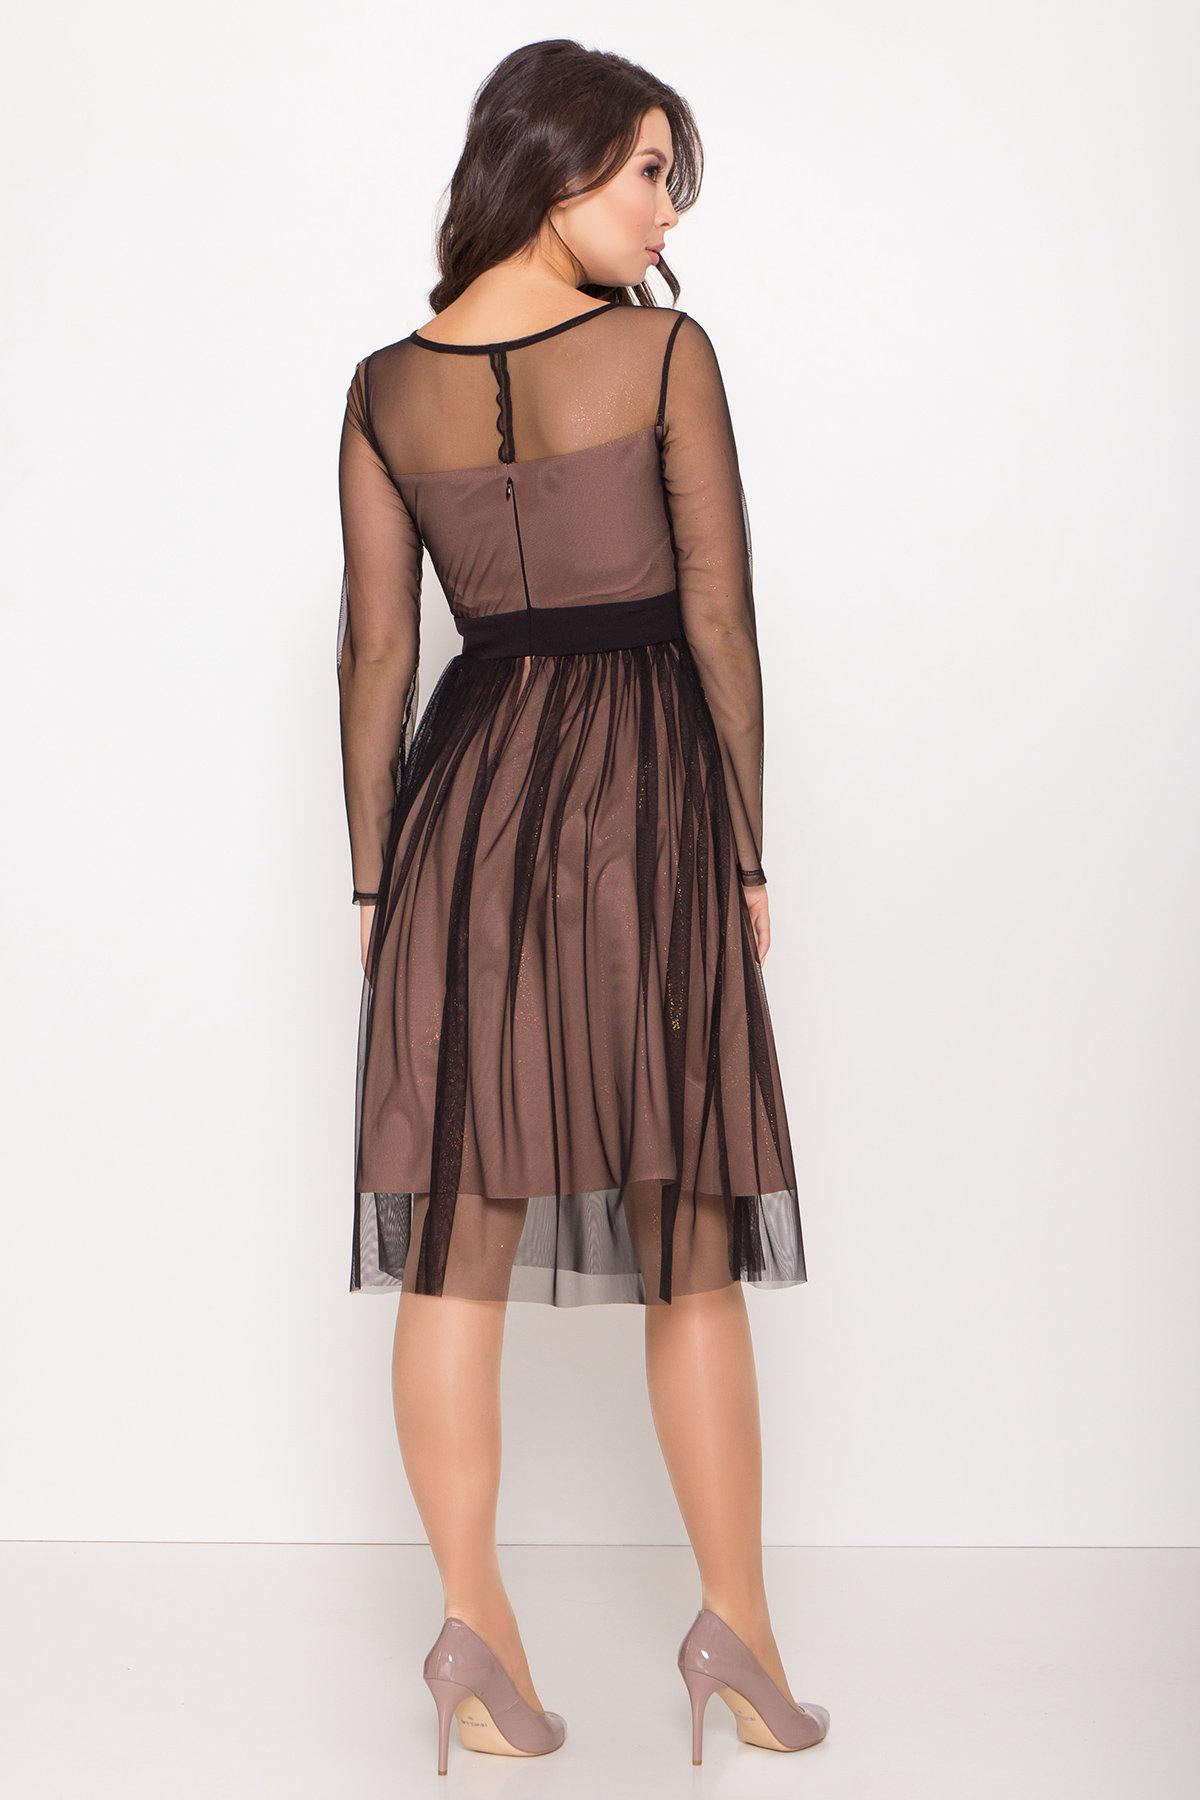 Платье миди длины с юбкой солнце-клеш Роял 8681 АРТ. 45006 Цвет: Черный/золото - фото 12, интернет магазин tm-modus.ru